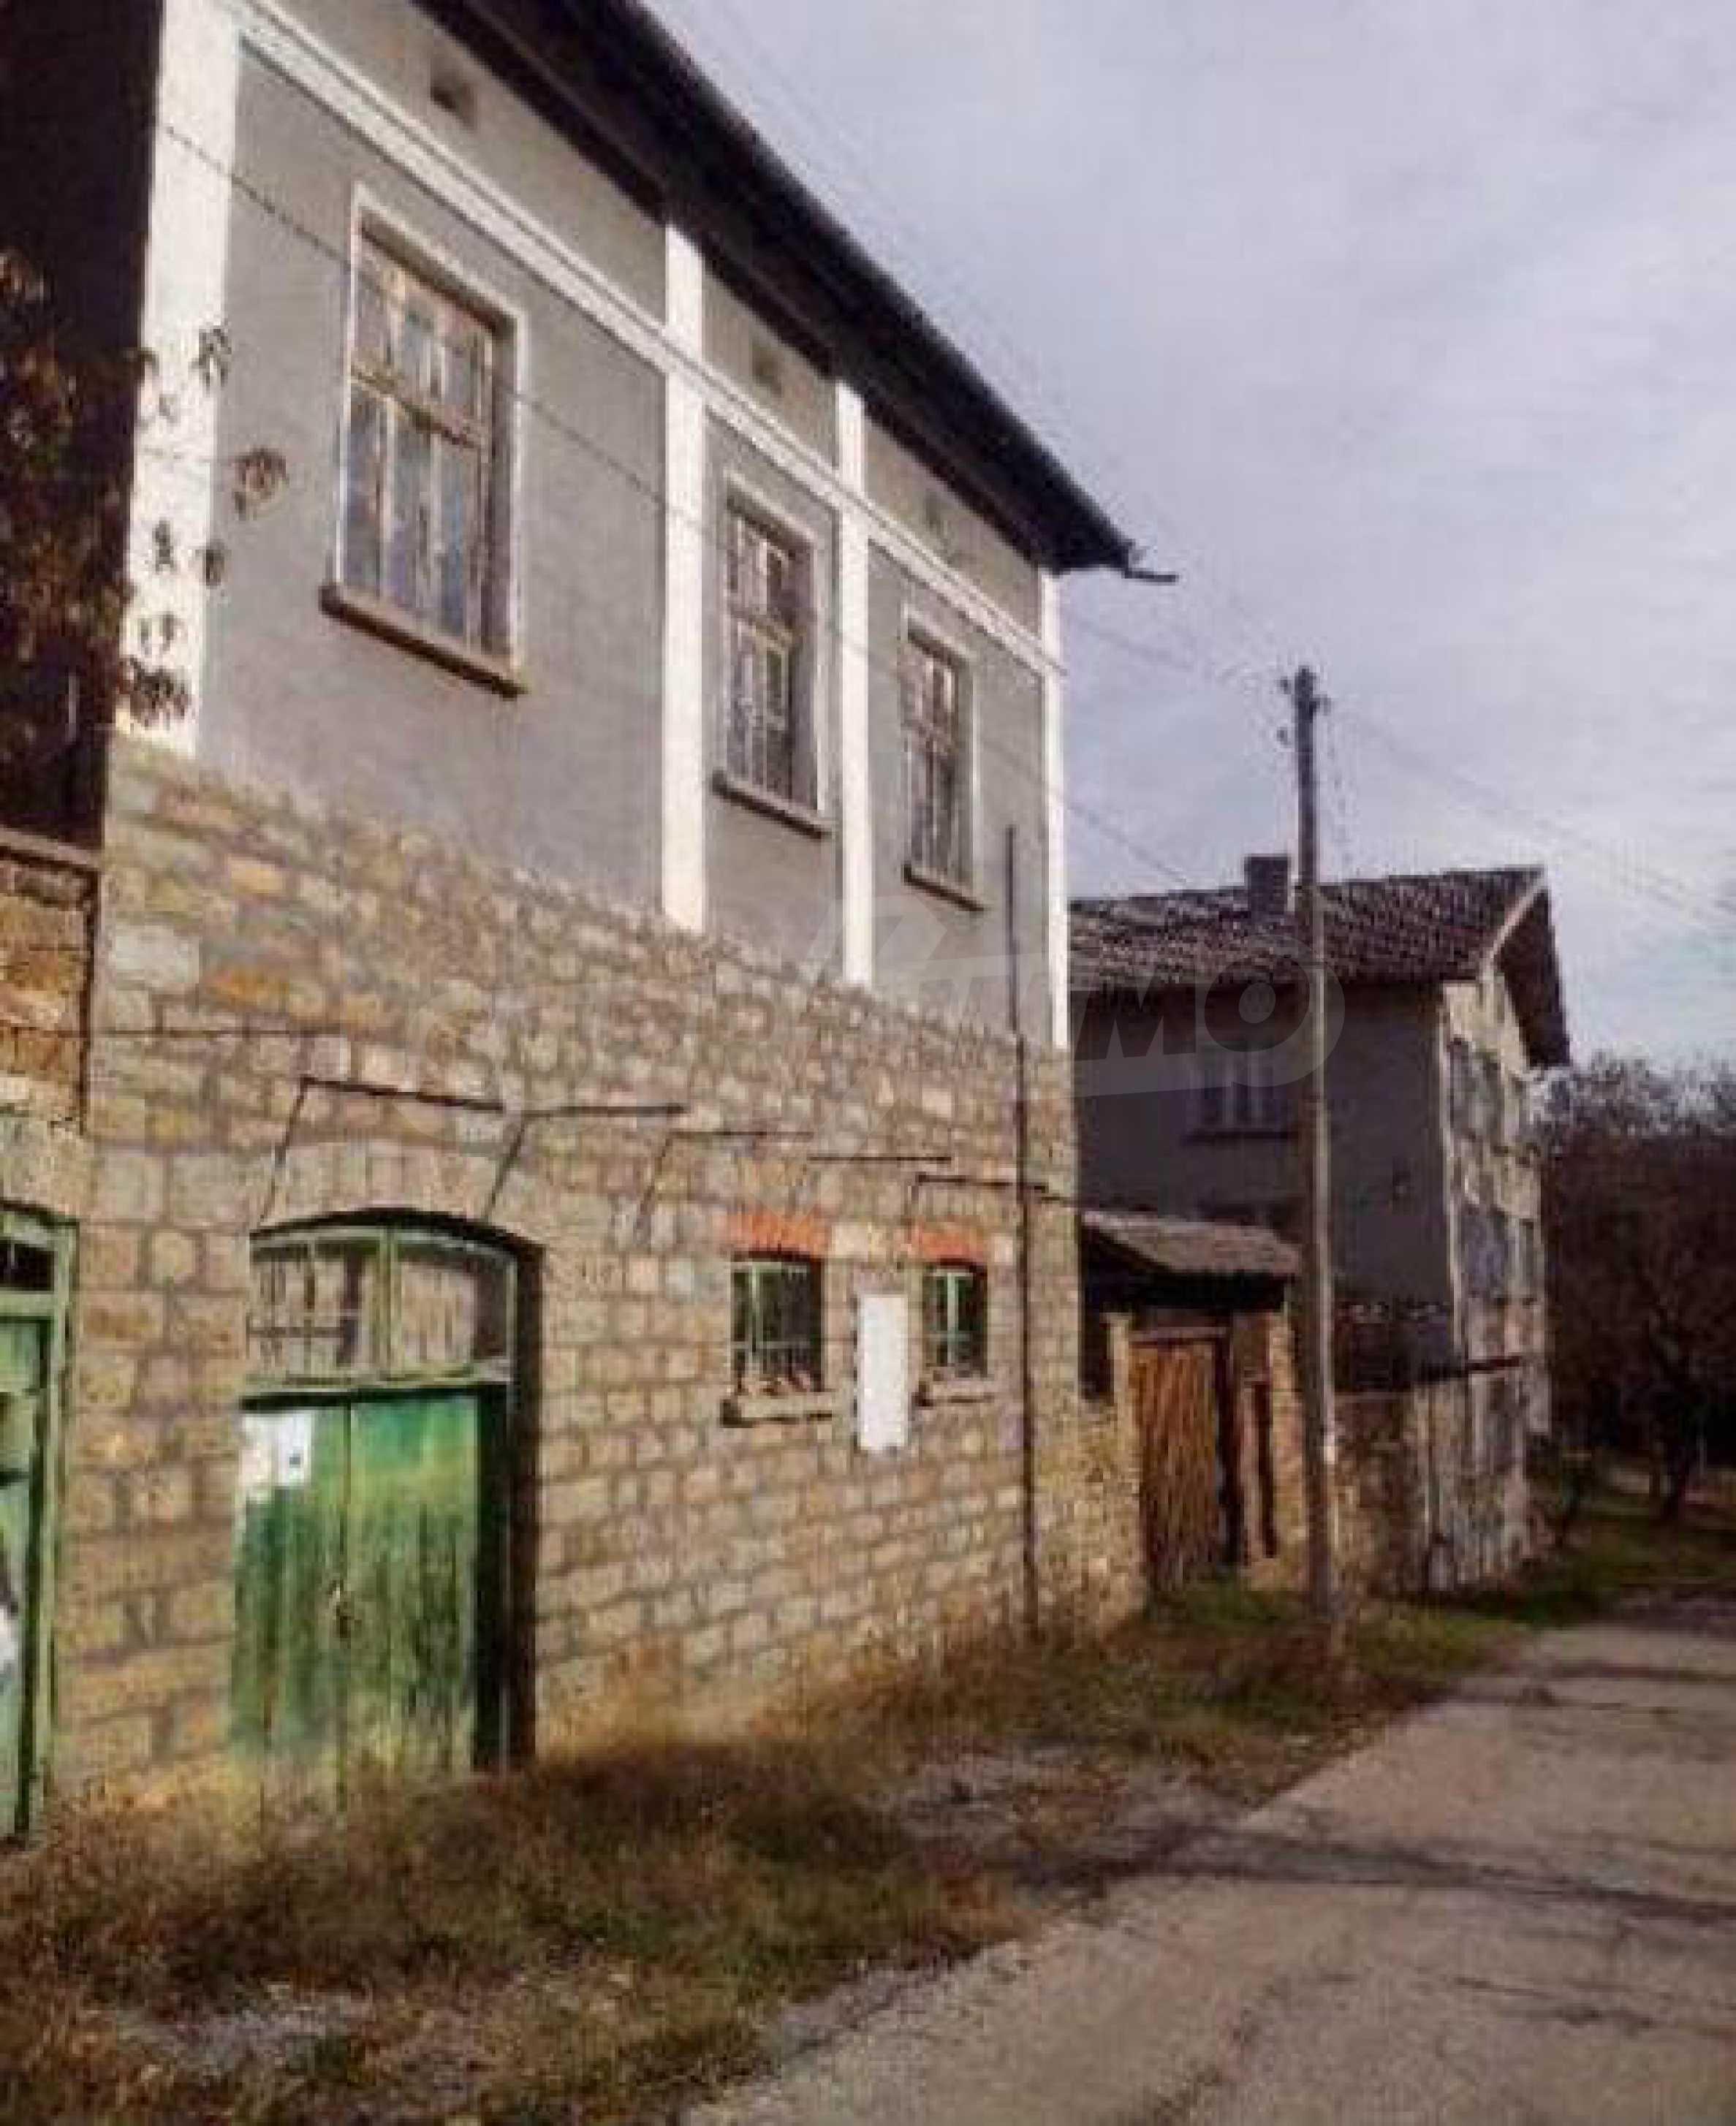 Mehrere Eigenschaften in einem gemeinsamen Hof, in einem Dorf 9 km von der Stadt Troyan entfernt